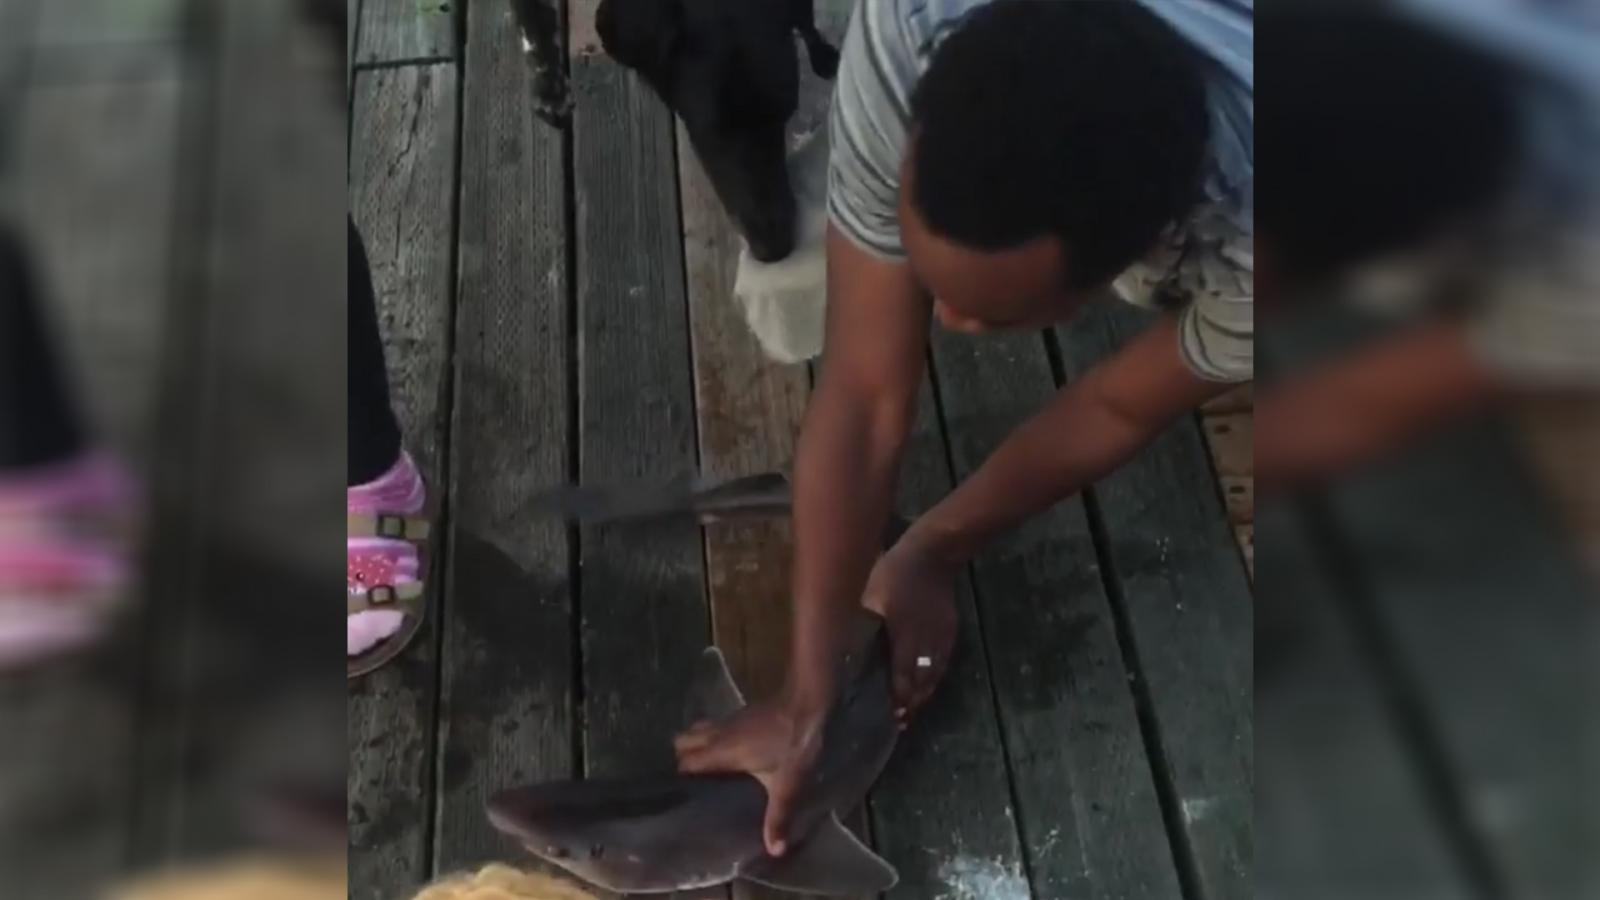 วัยรุ่นมะกันสุดห้าว กระโดดจับฉลามด้วยมือเปล่า